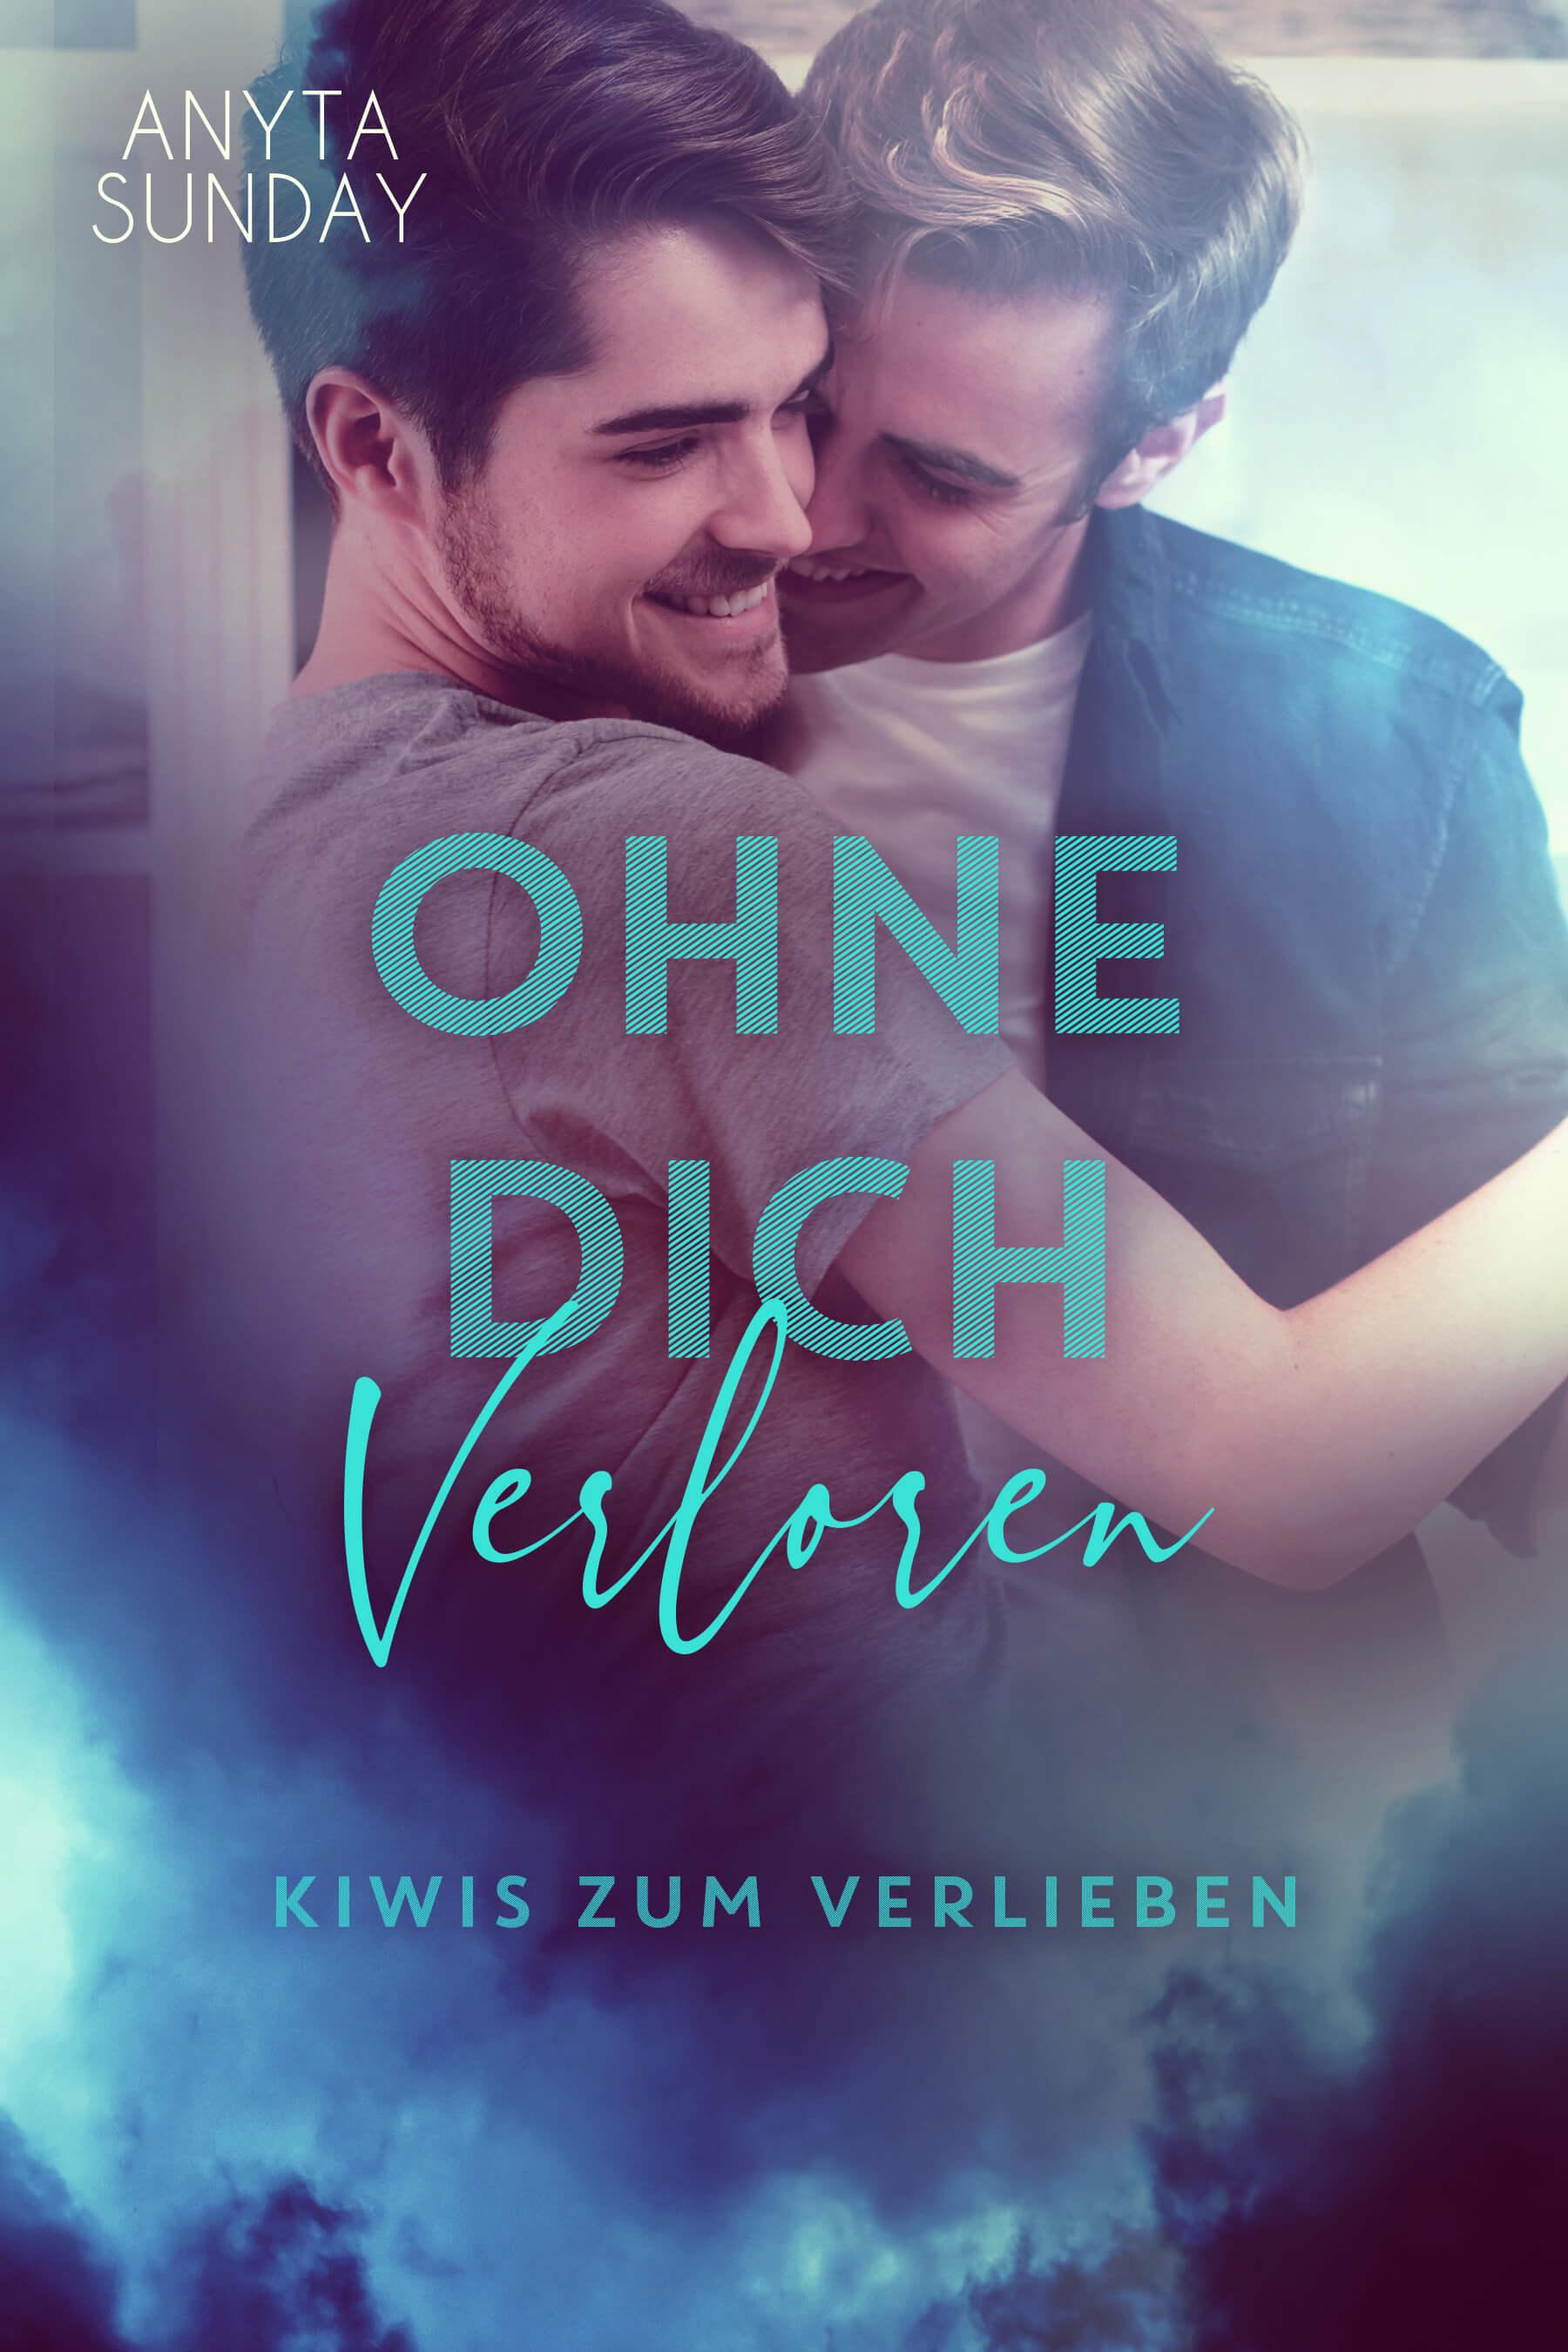 Ohne Dich Verloren von Anyta Sunday (Happy For You in German)